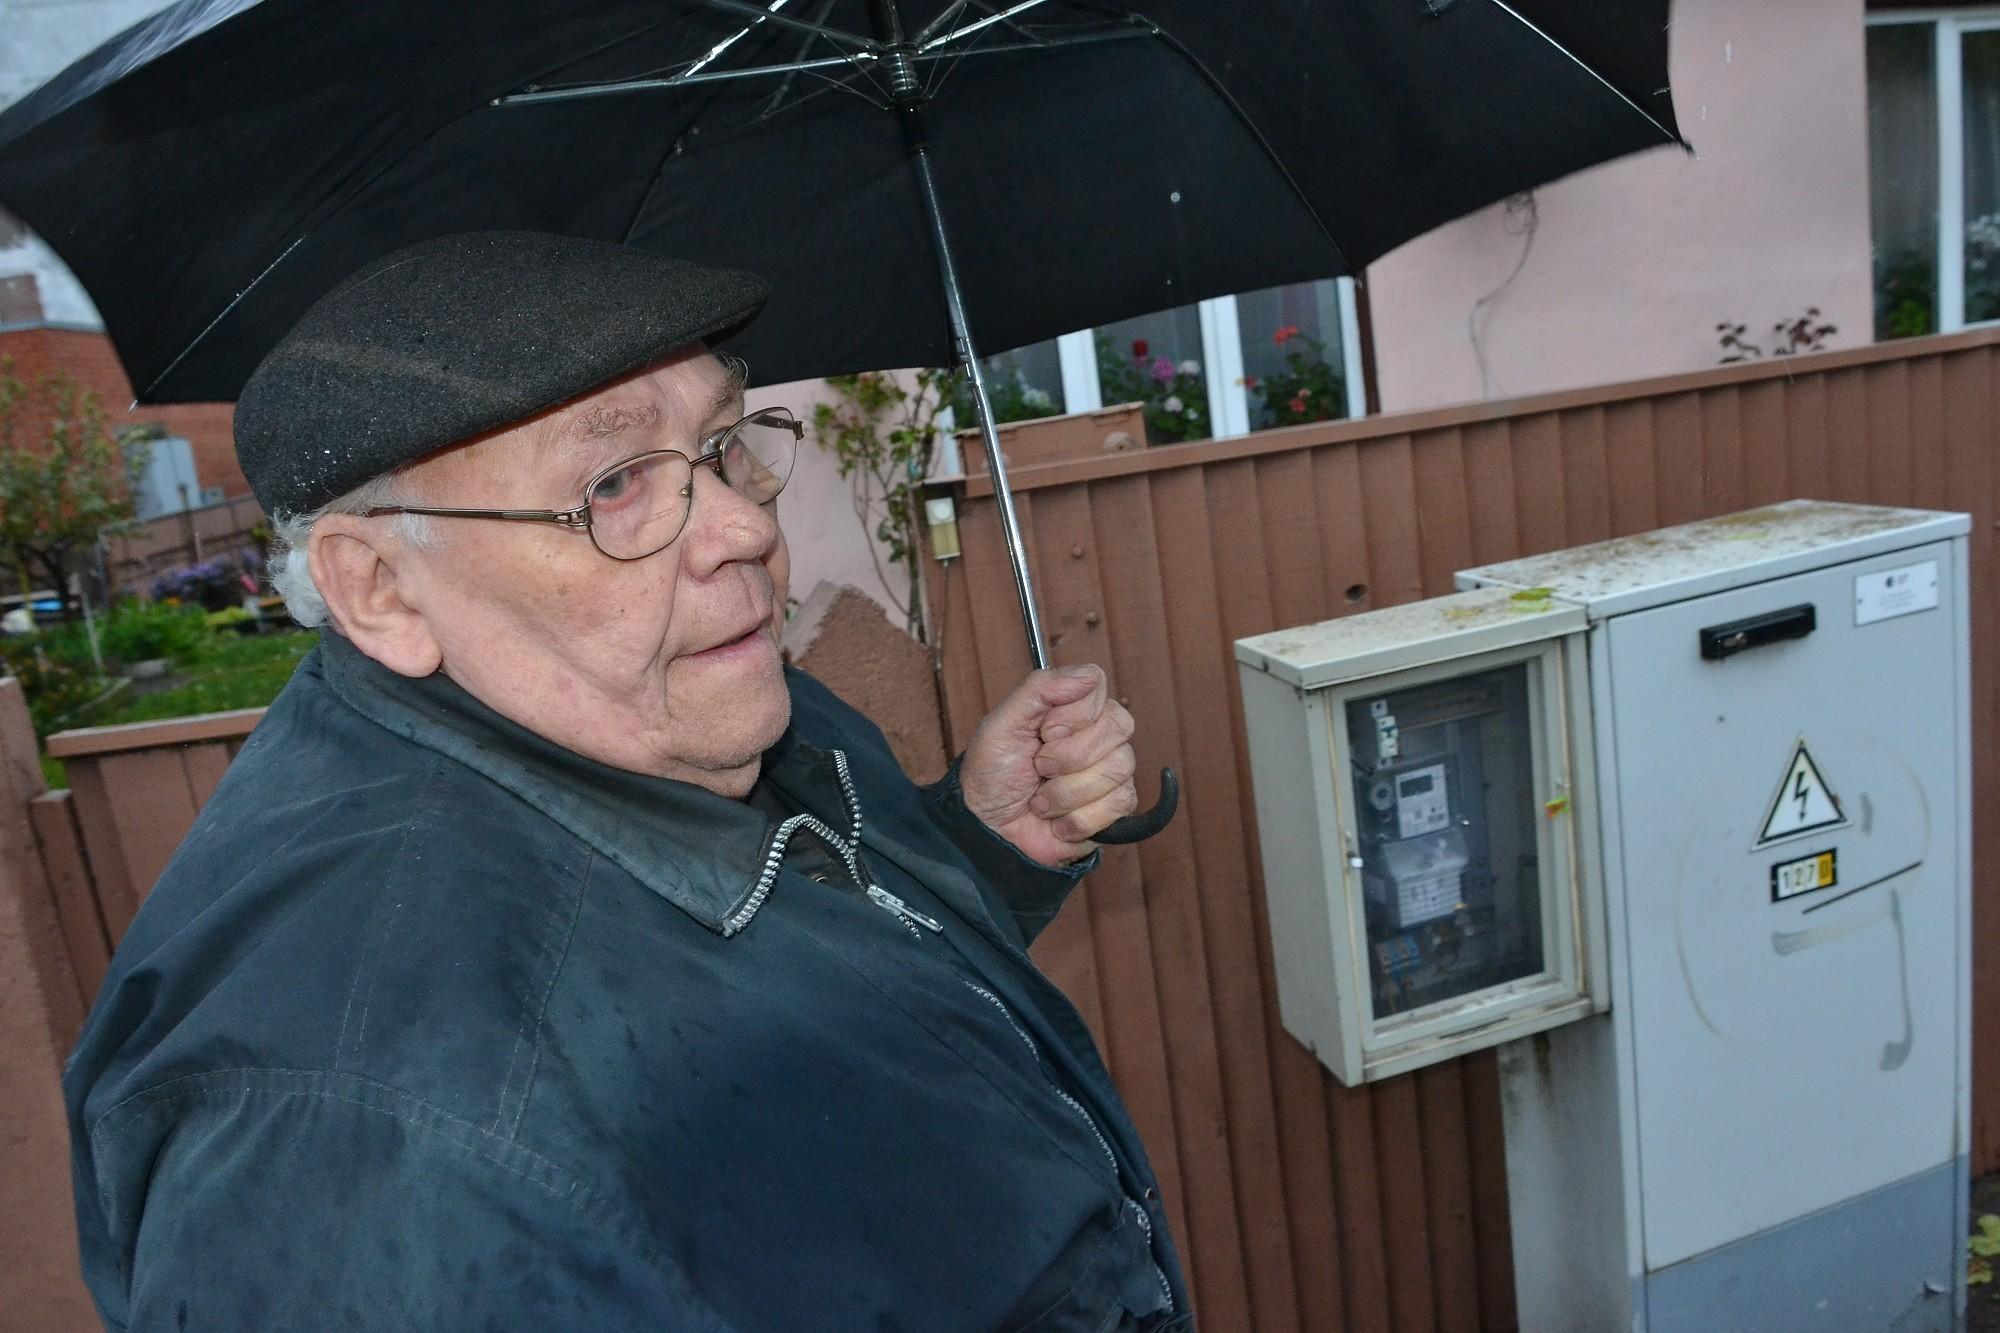 Пенсионеру угрожают несуществующей задолженностью